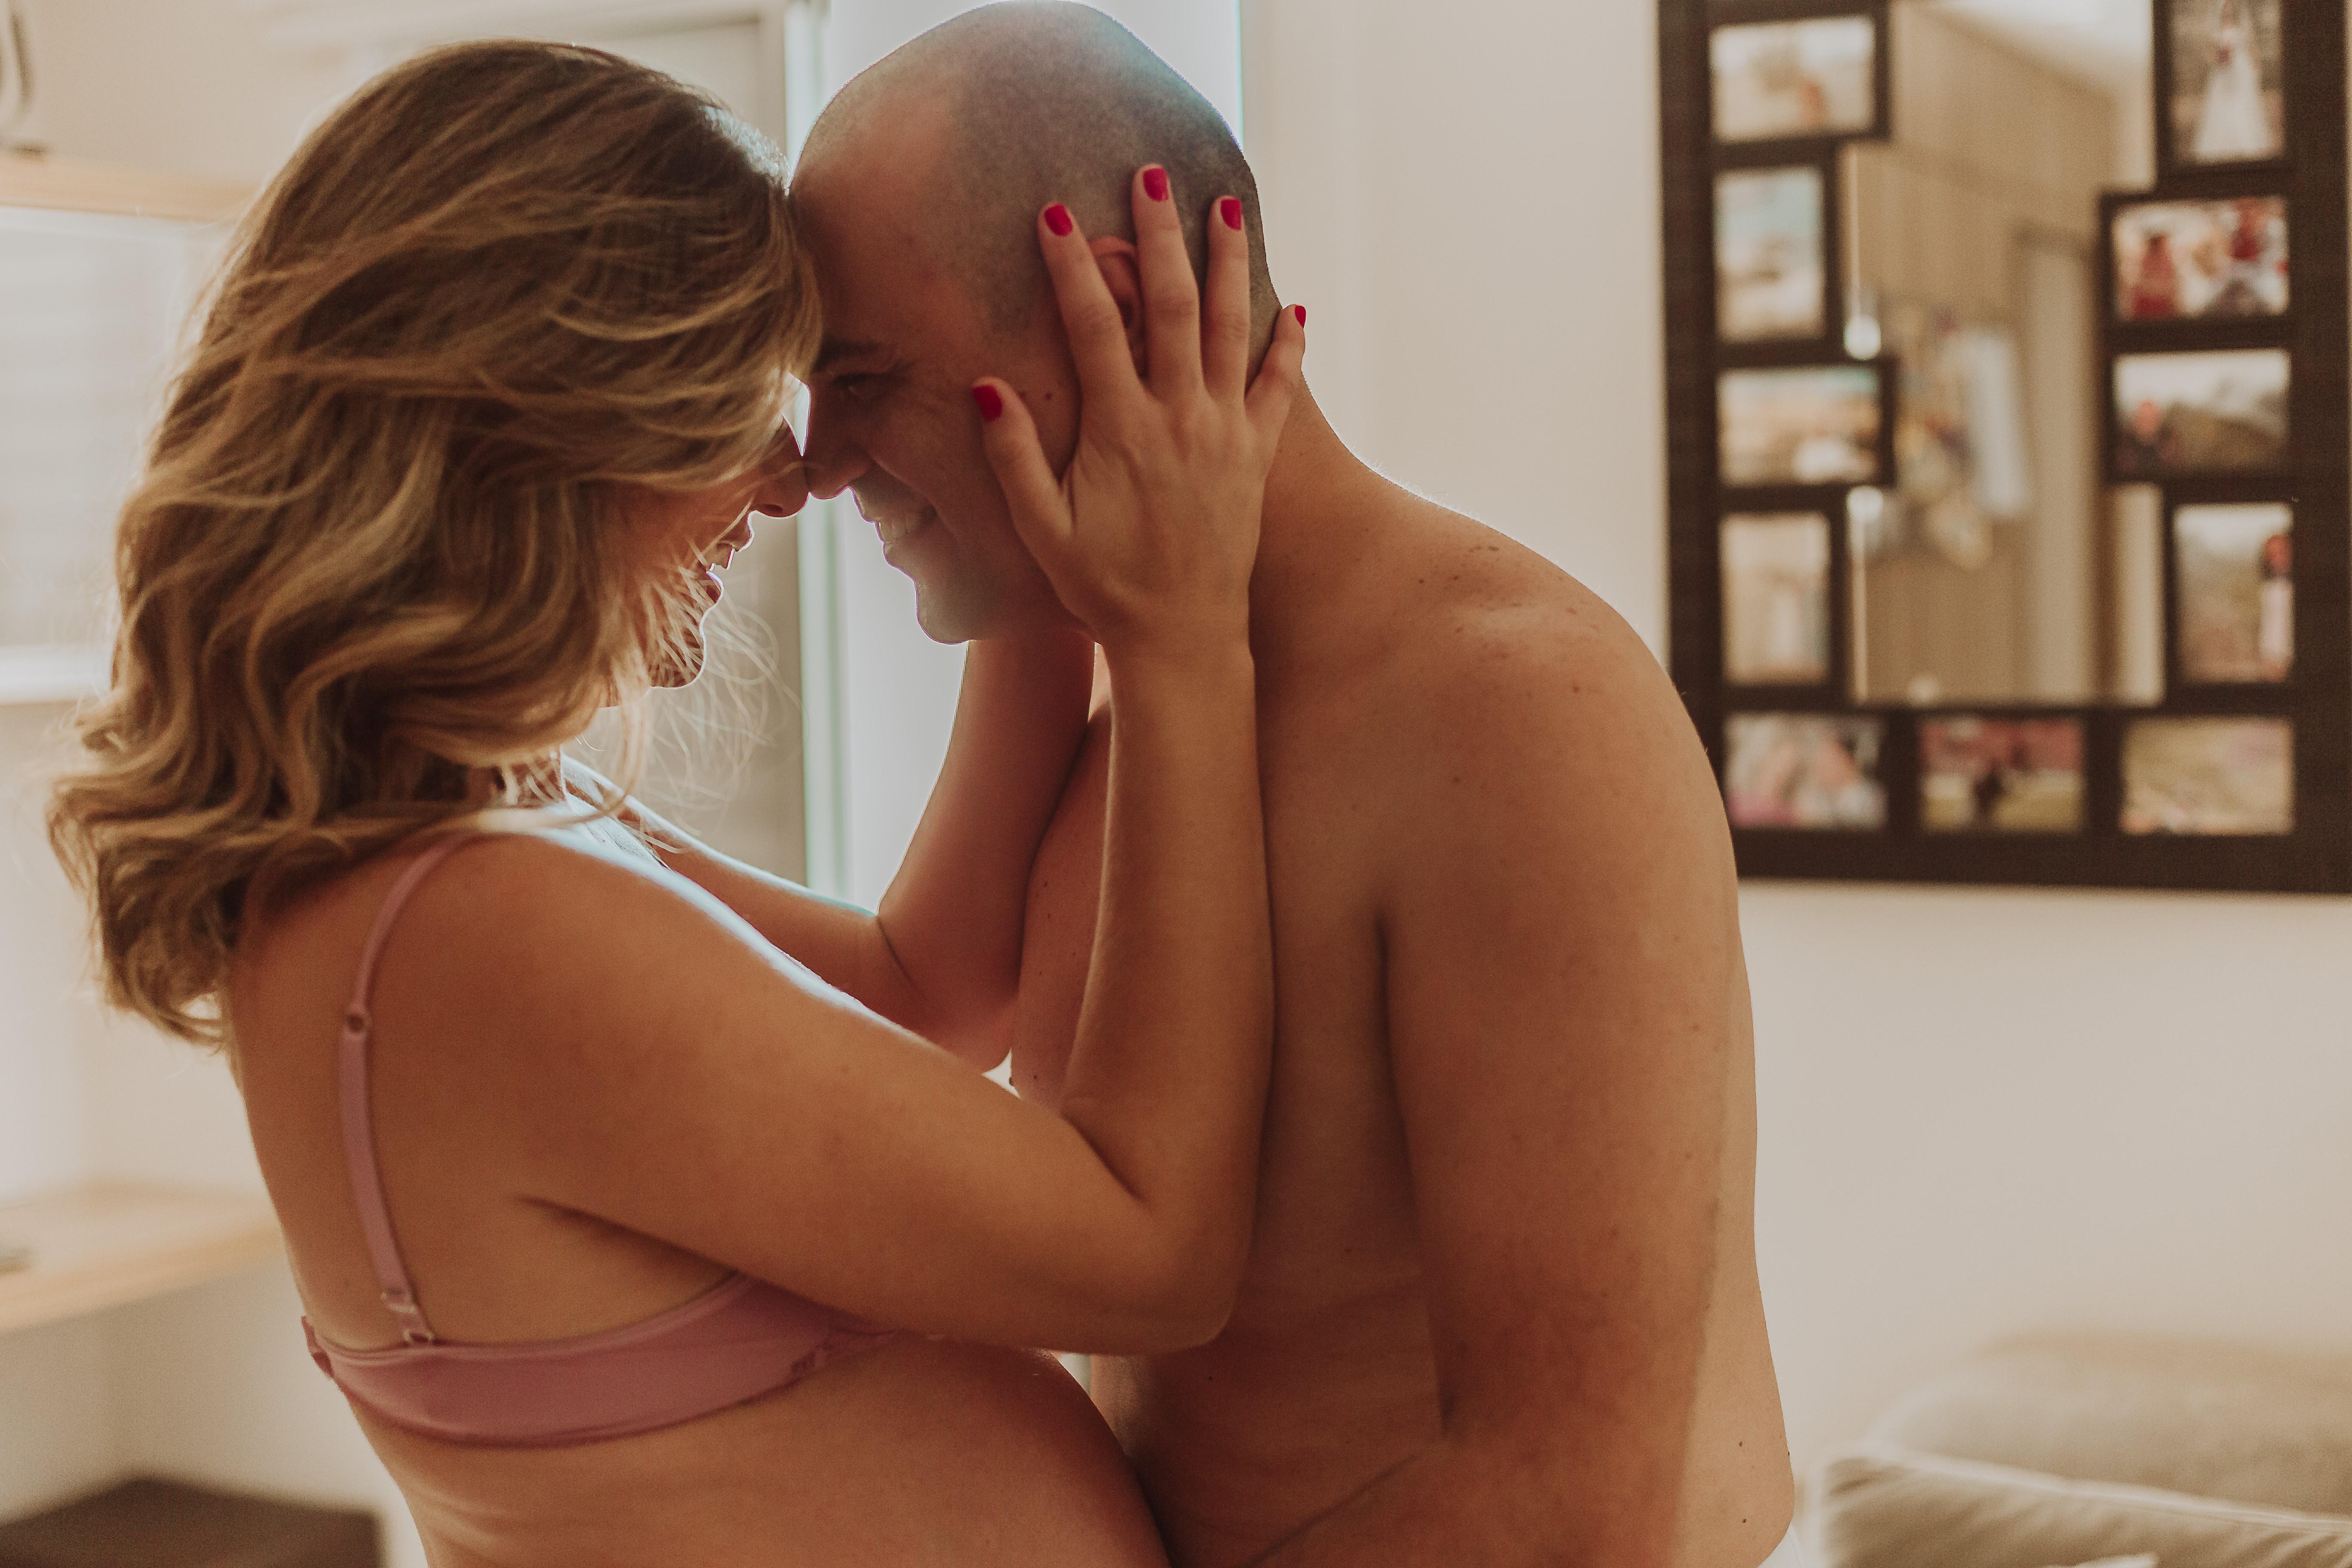 Carolina fez um ensaio fotográfico com o marido durante a gestação (Foto: Jackei Goulart)